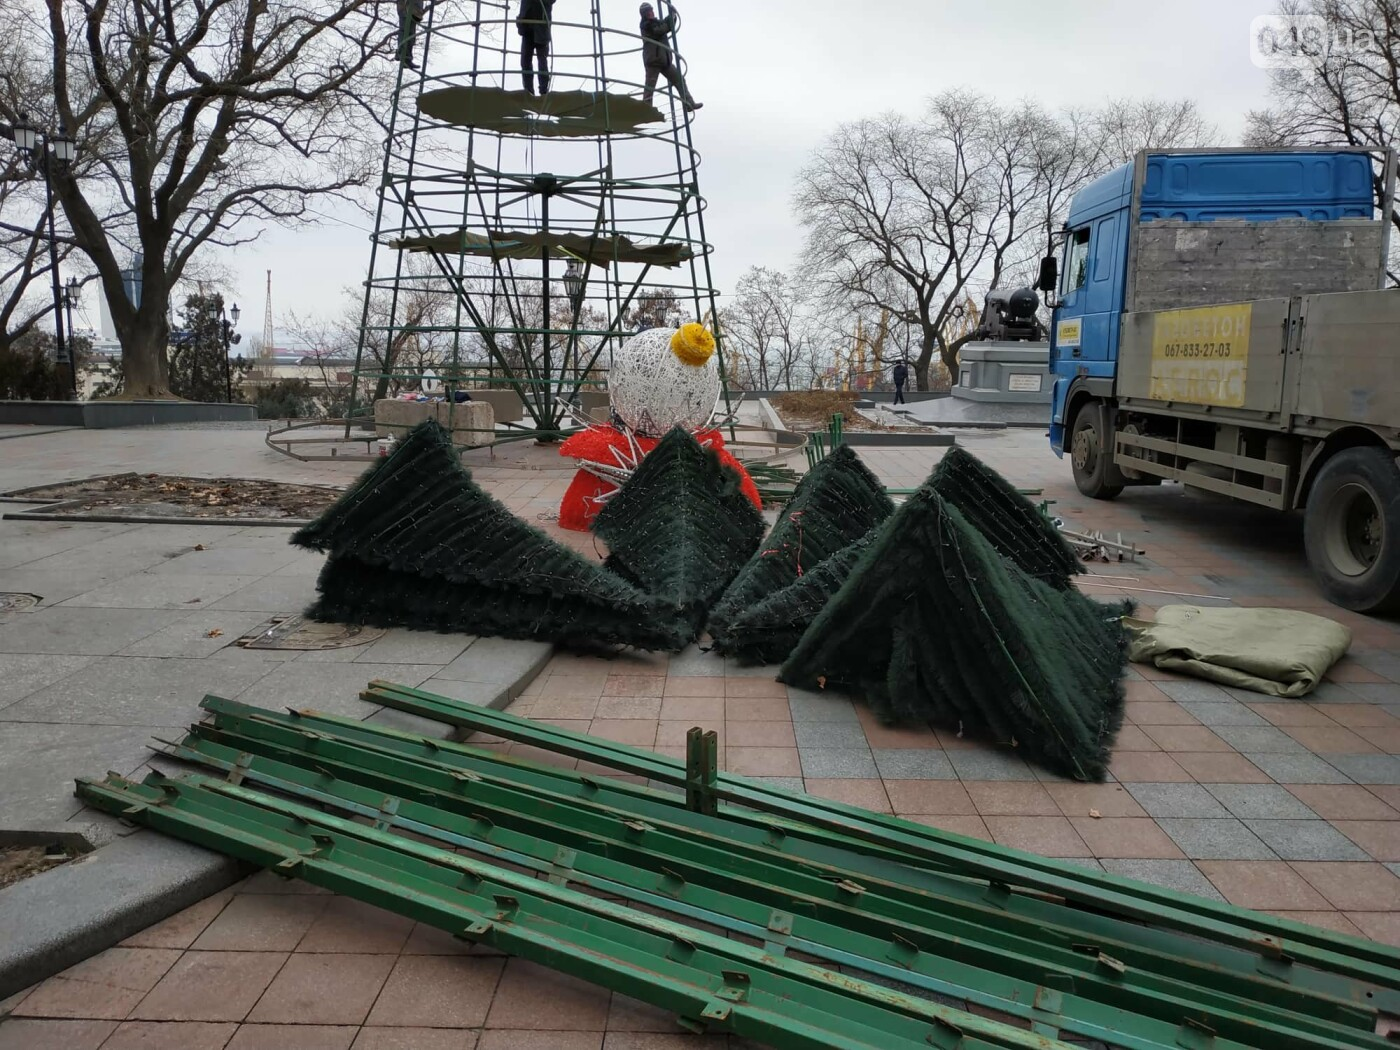 Праздники закончились: главную елку Одессы разбирают, - ФОТО, фото-2